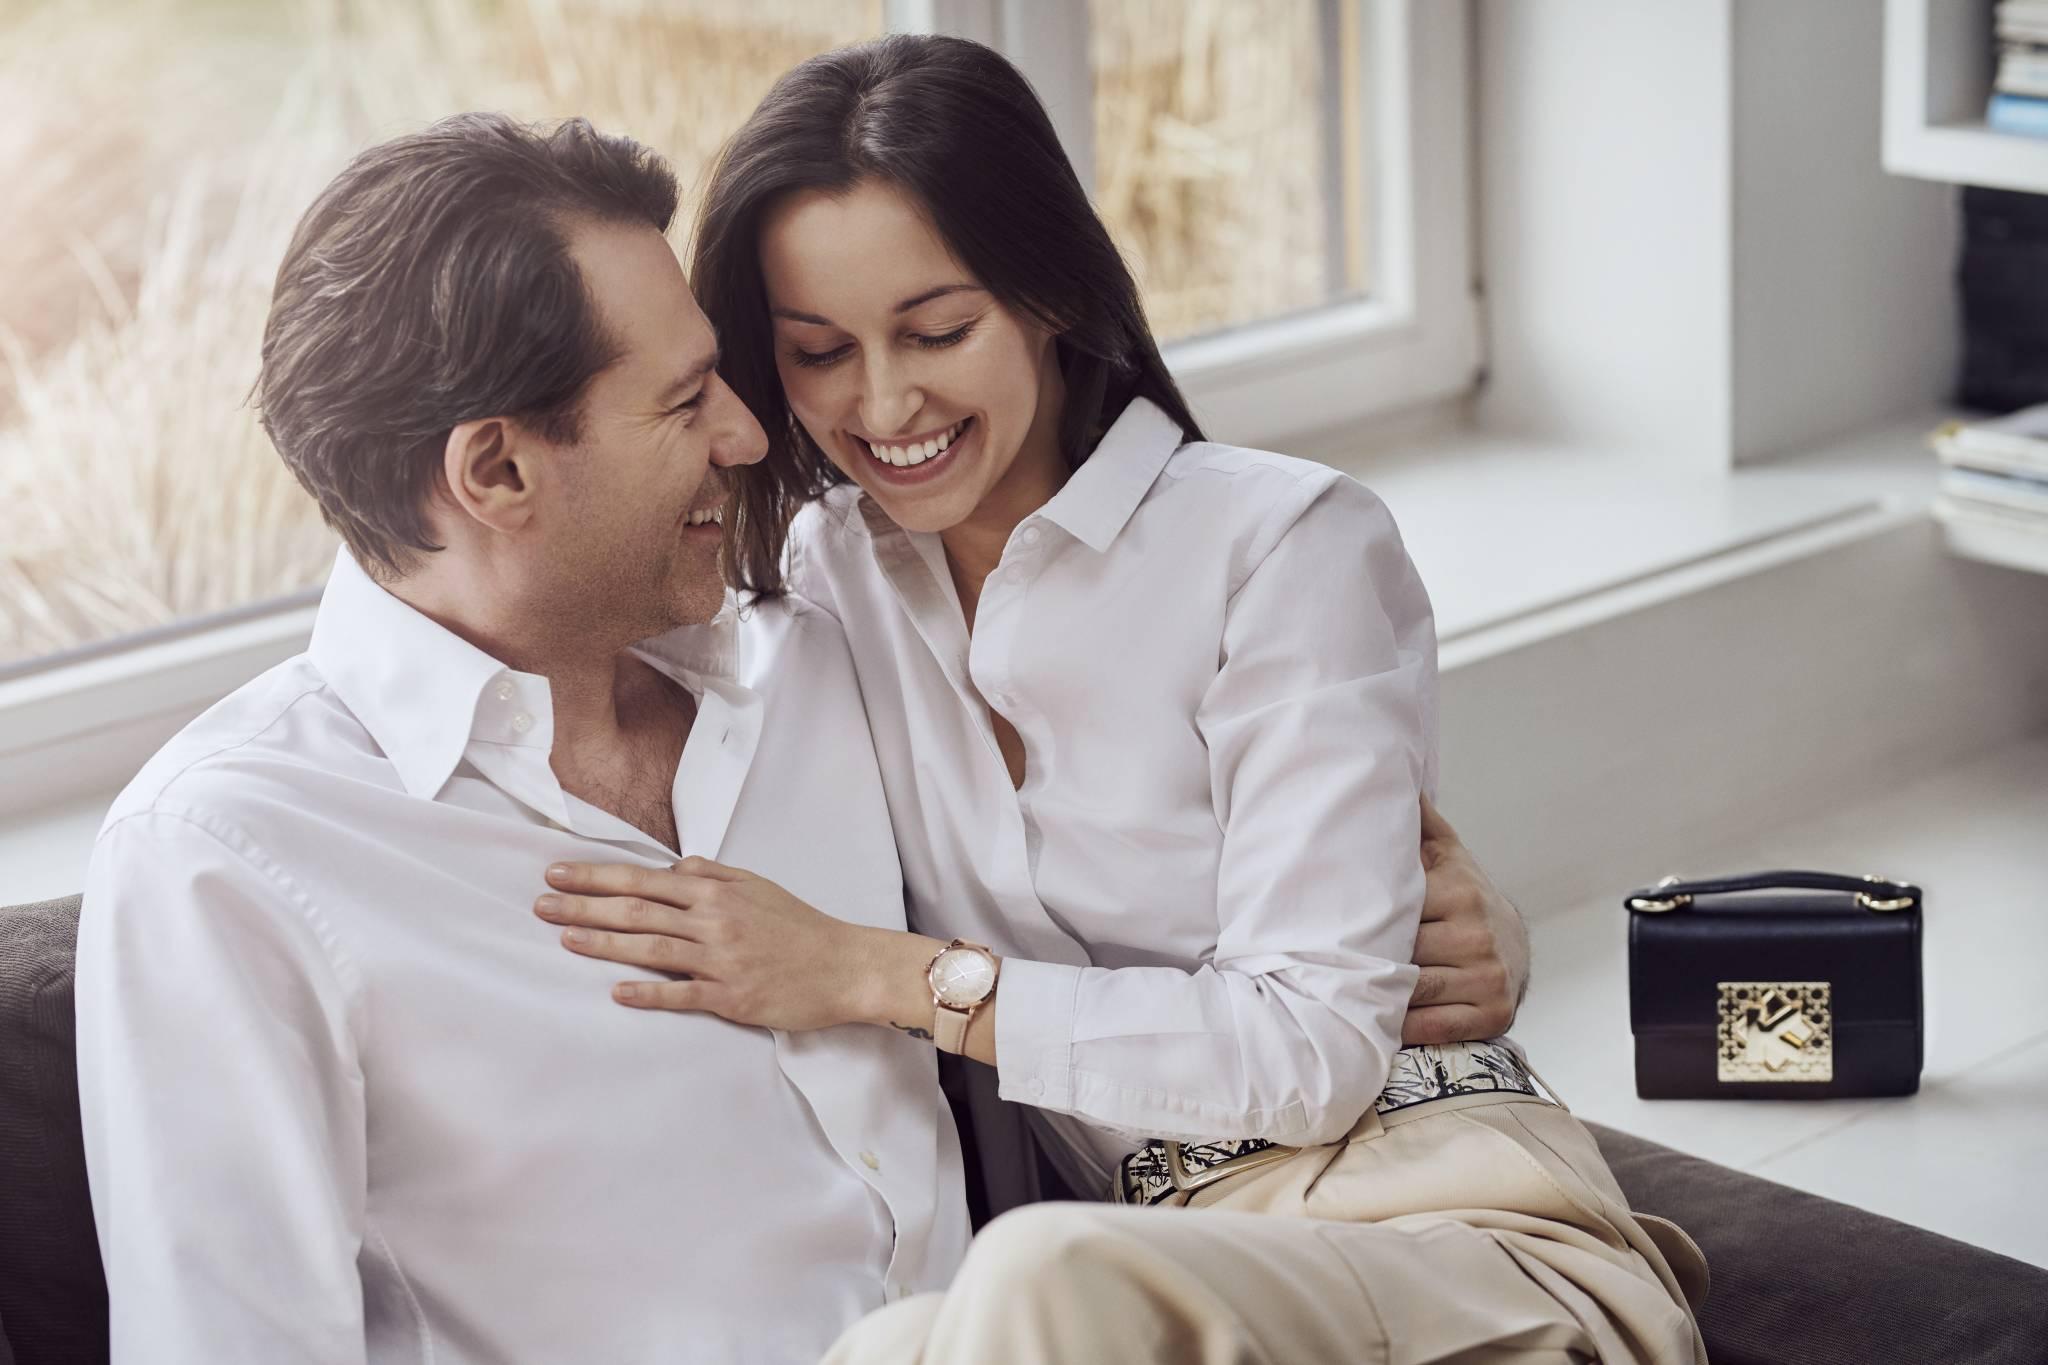 Różne oblicza miłości w poruszającej kampanii marki Kazar